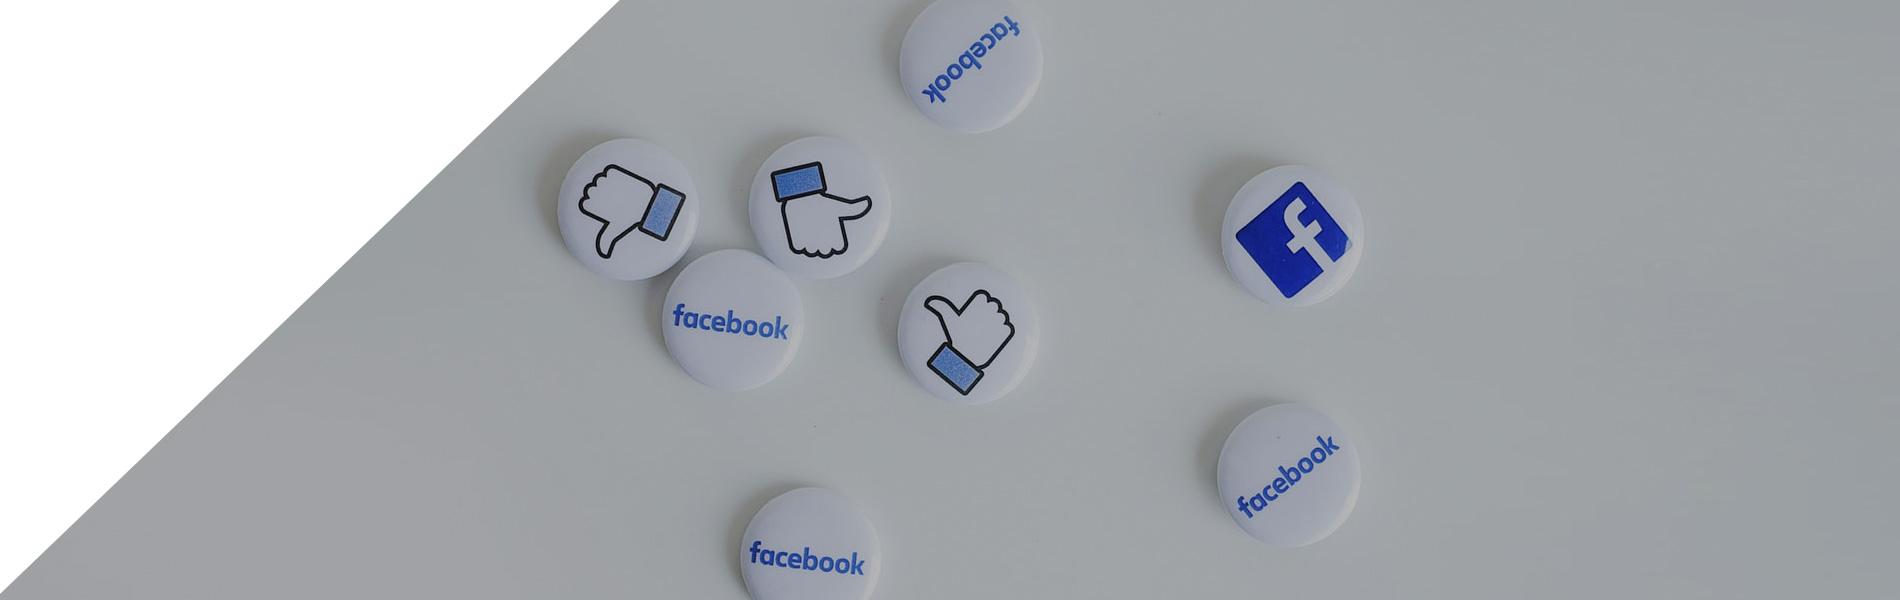 social/